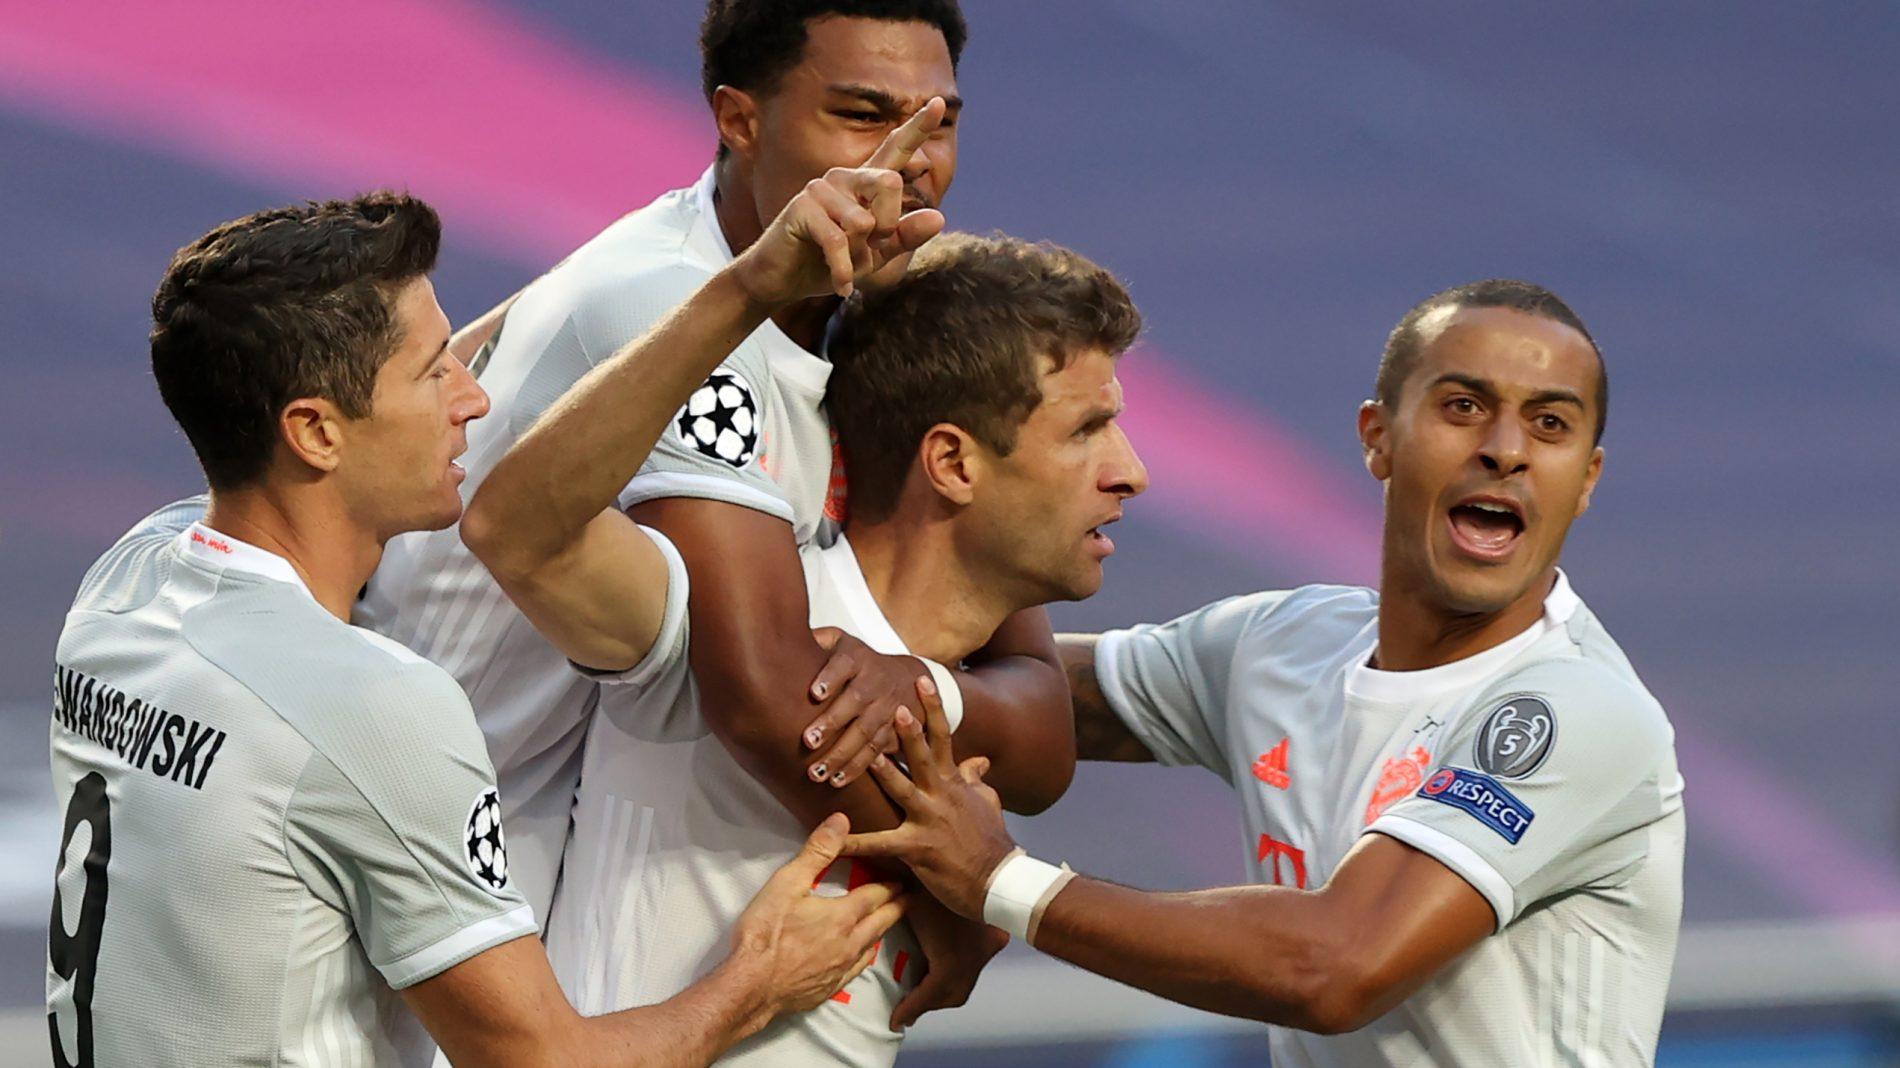 穆勒:7-1巴西时其实没完全控制住对手,但今天做到了